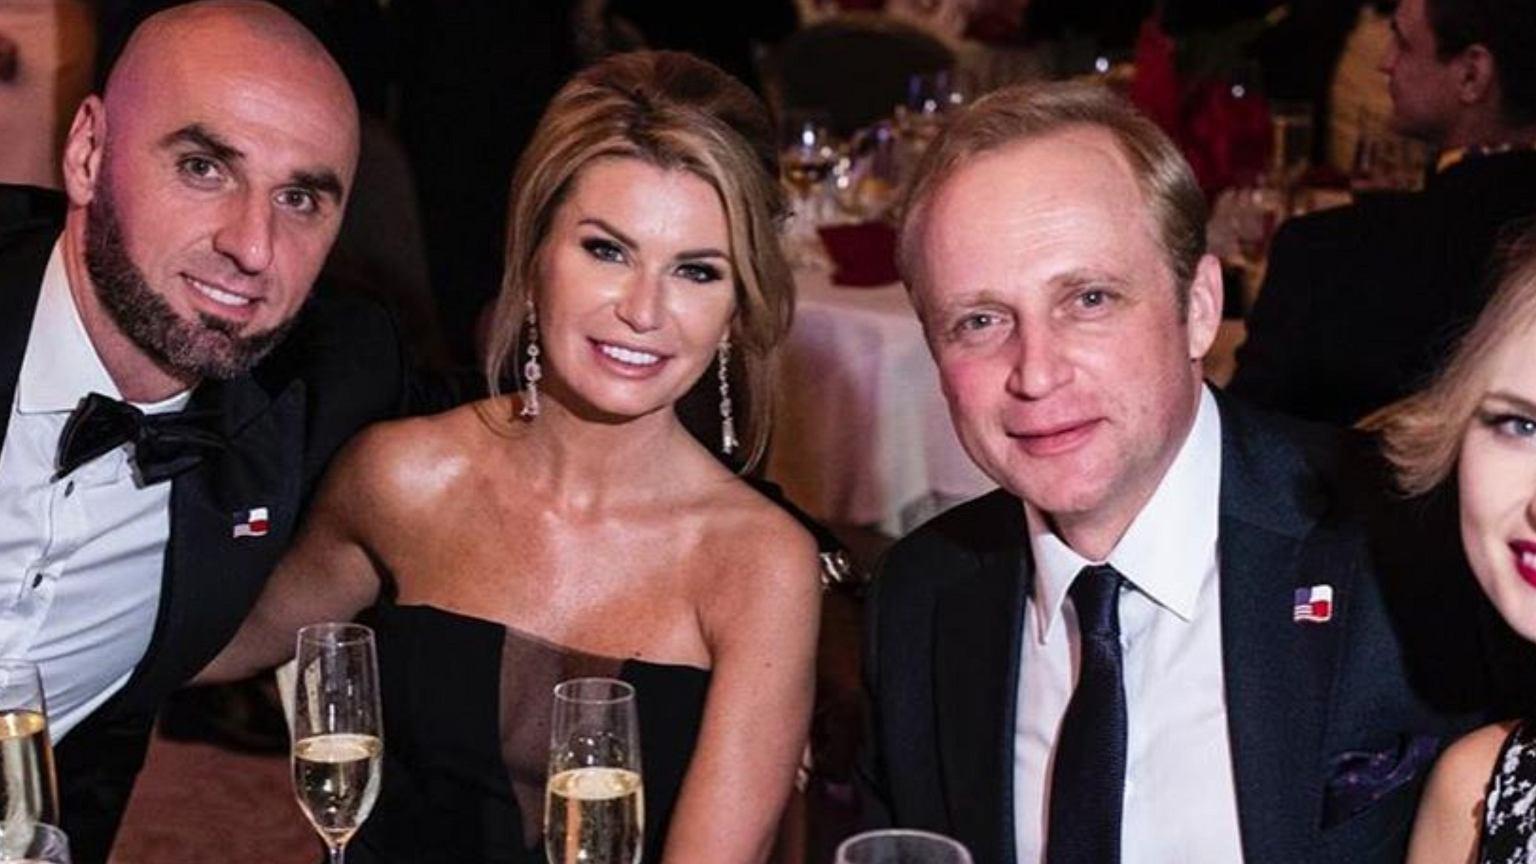 Marcin Gortat zaprosił na swój bal same gwiazdy. Wśród nich Piotr Adamczyk z żoną. To dosyć niecodzienny widok